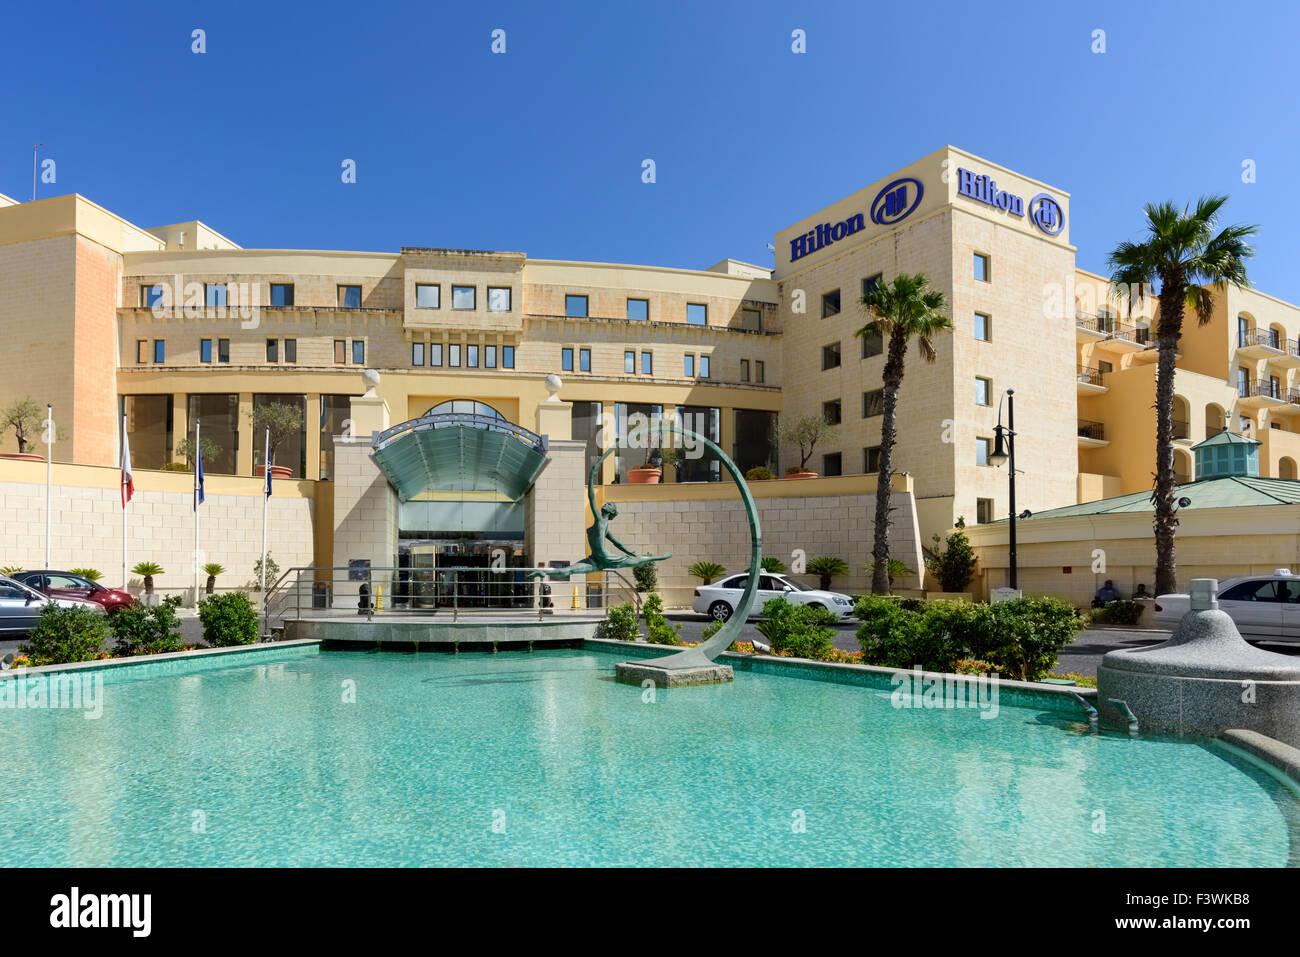 Hilton Hotel Malta St Julians